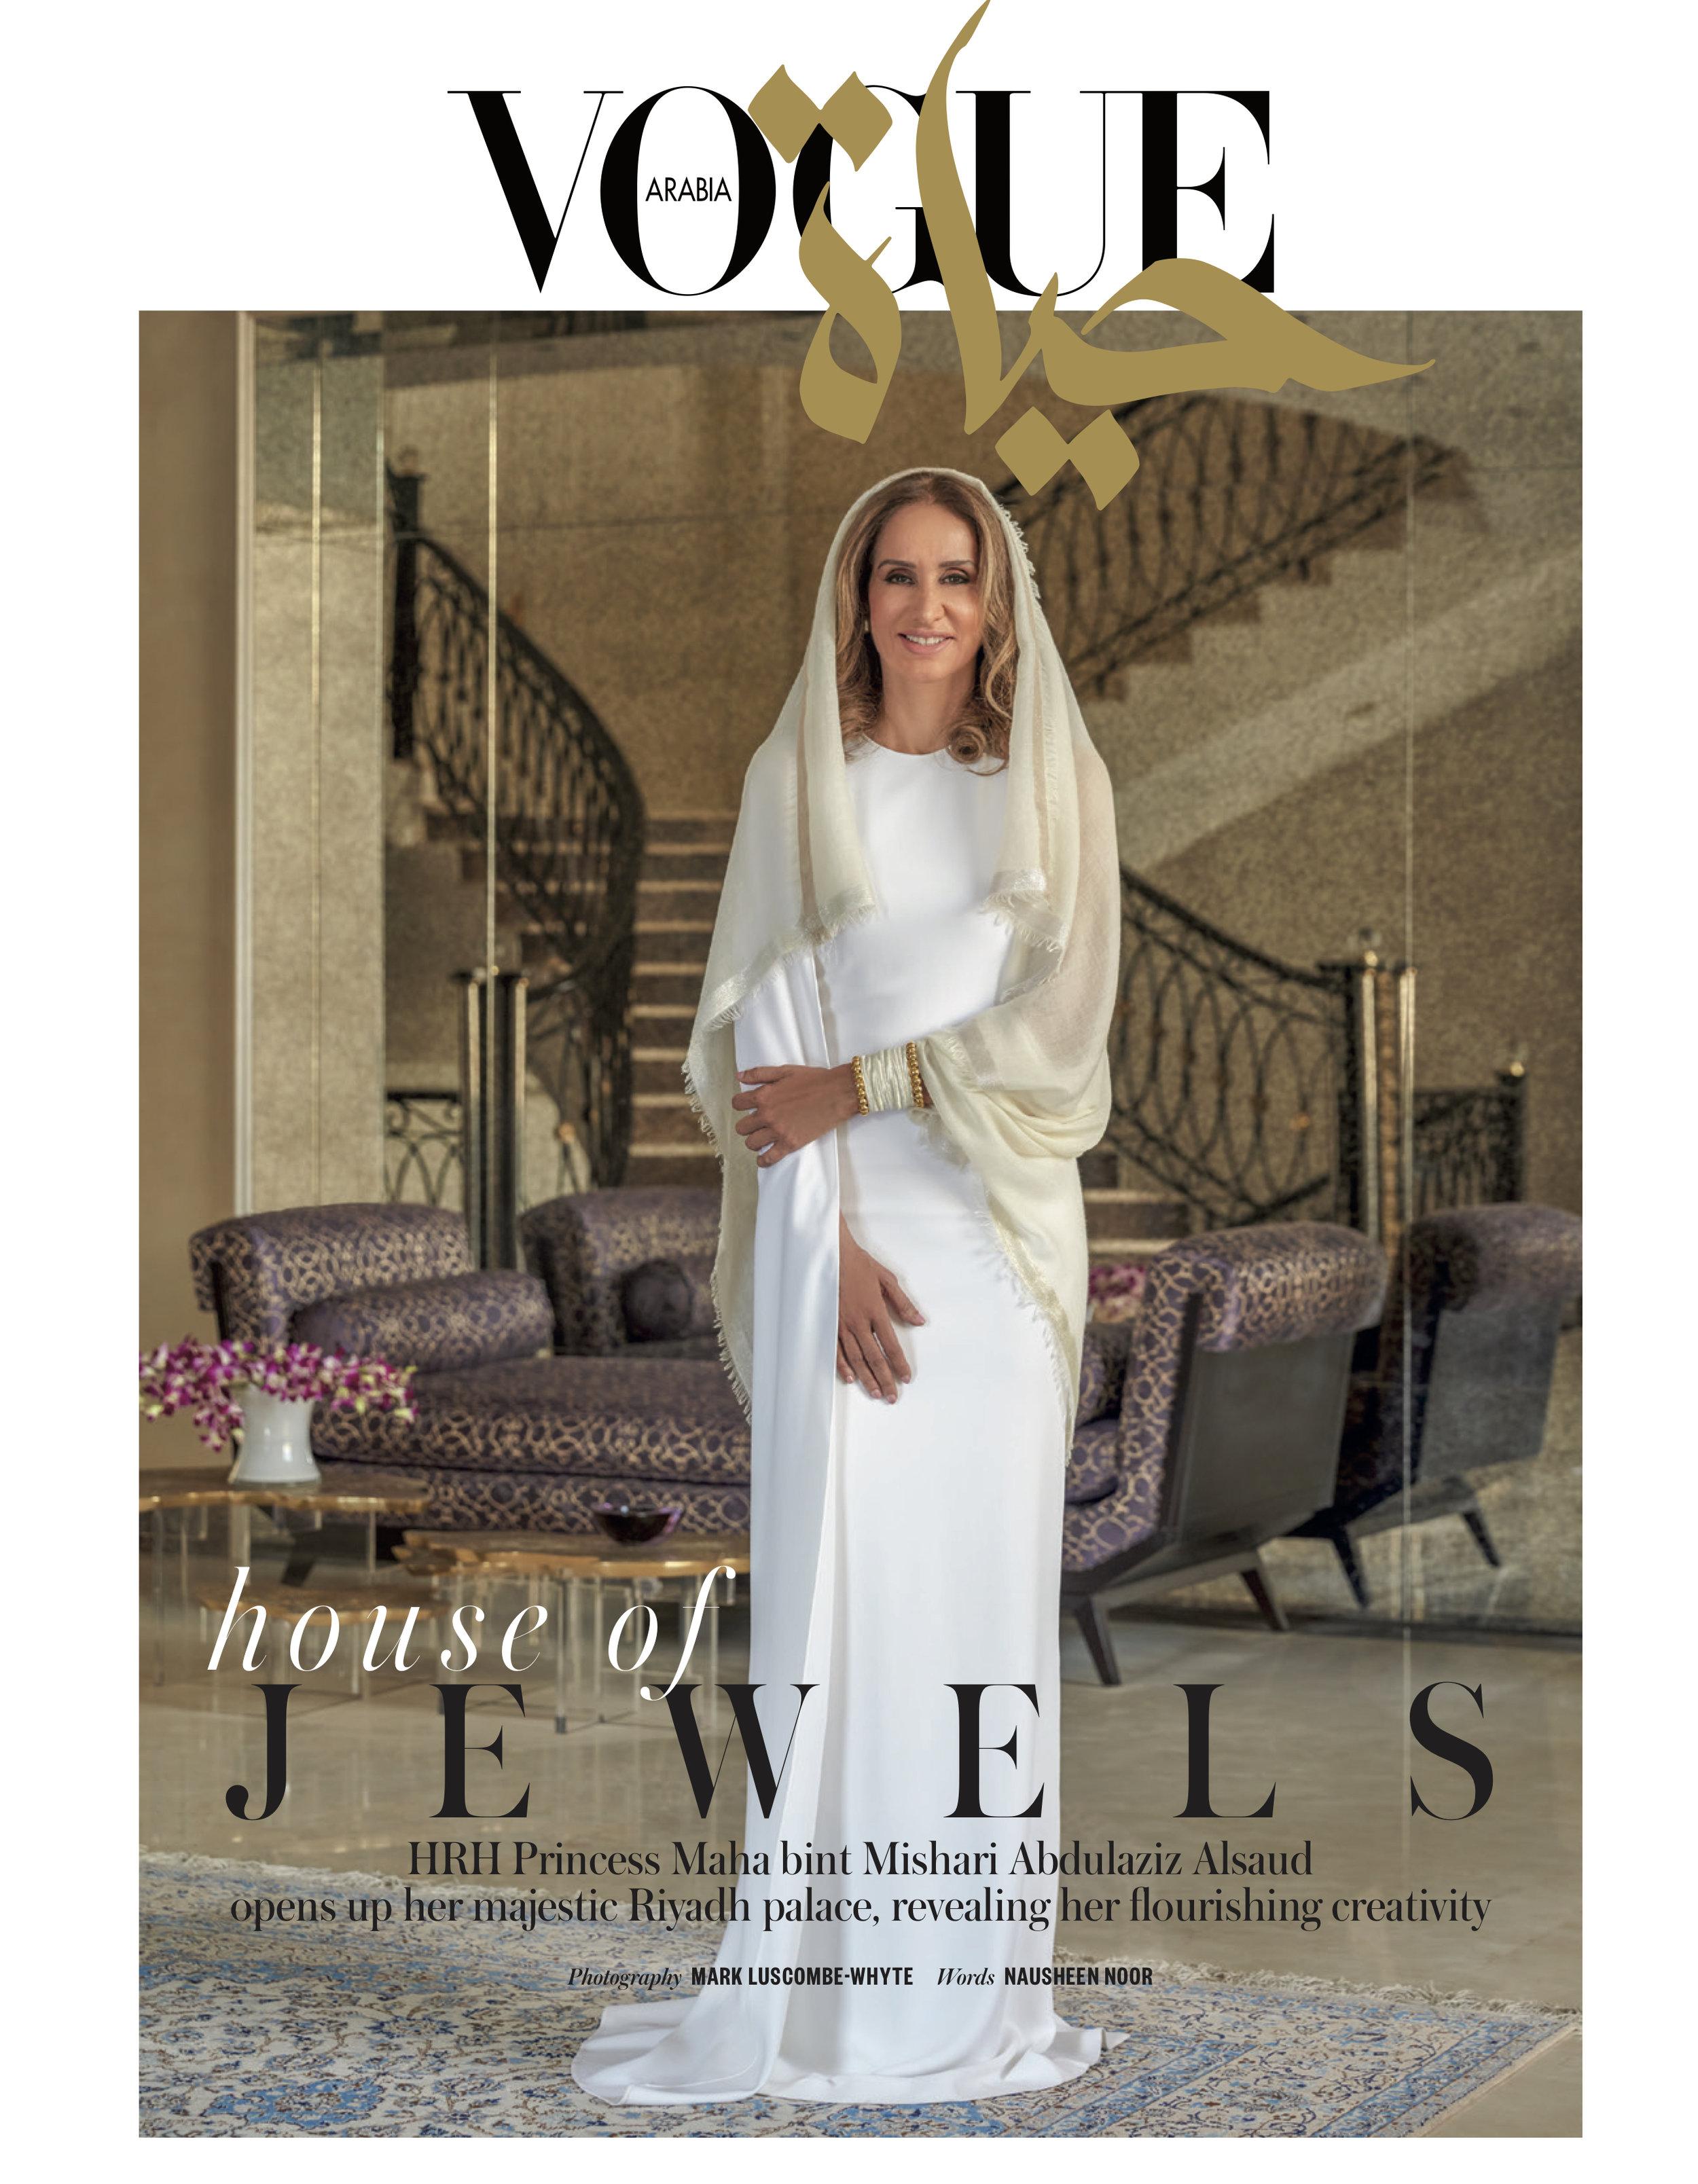 Vogue Arabia. Princess Maha bin Mishari Abdulaziz Al Saud.